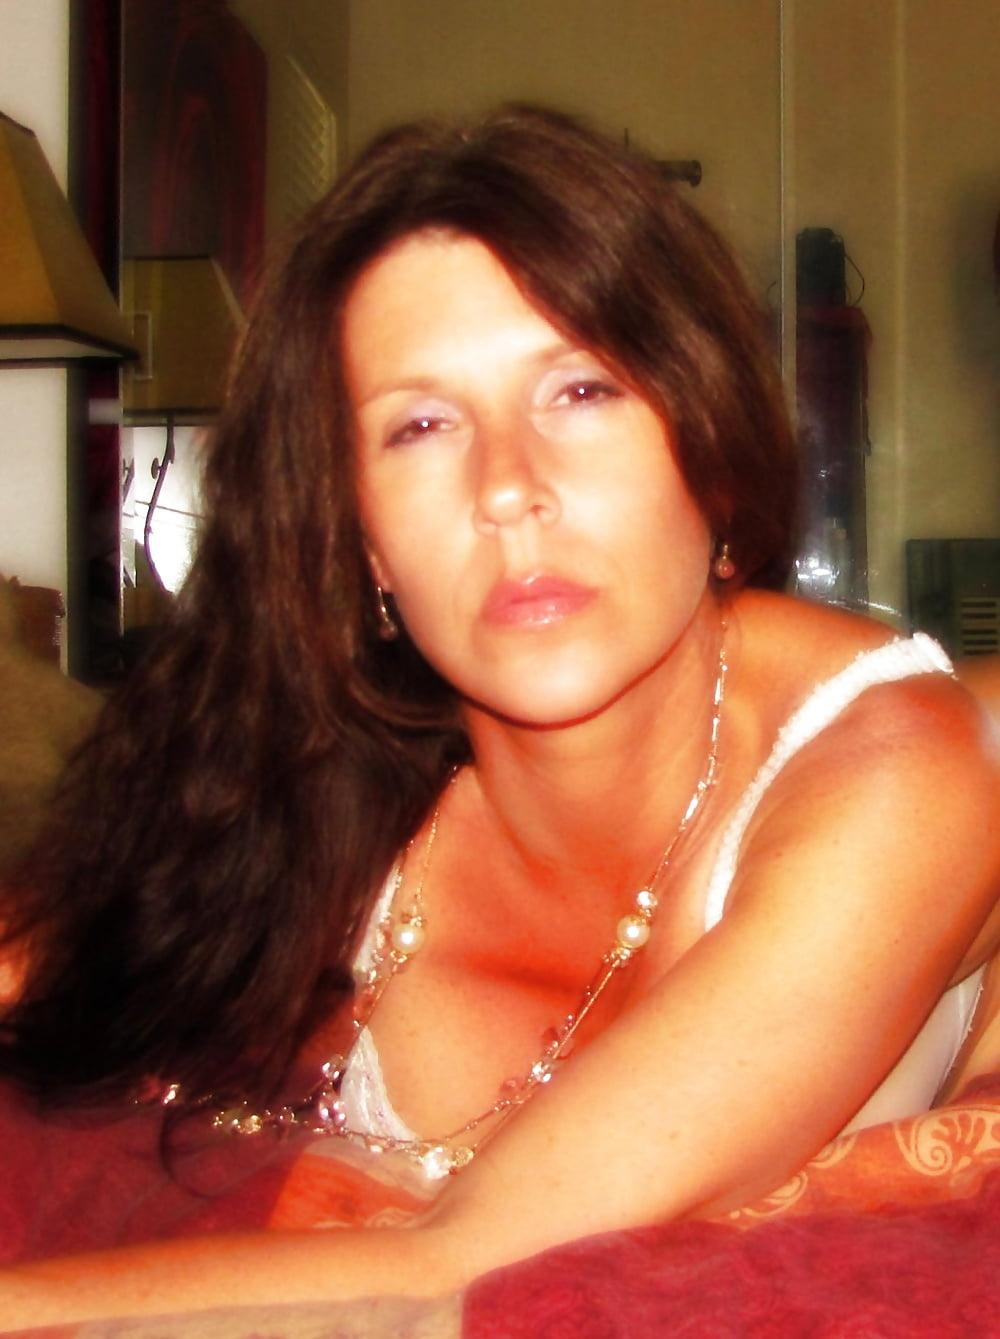 Actriz Porno Lorena Garcia Redes Sociales lorena ponce ubermilf - 50 pics | xhamster